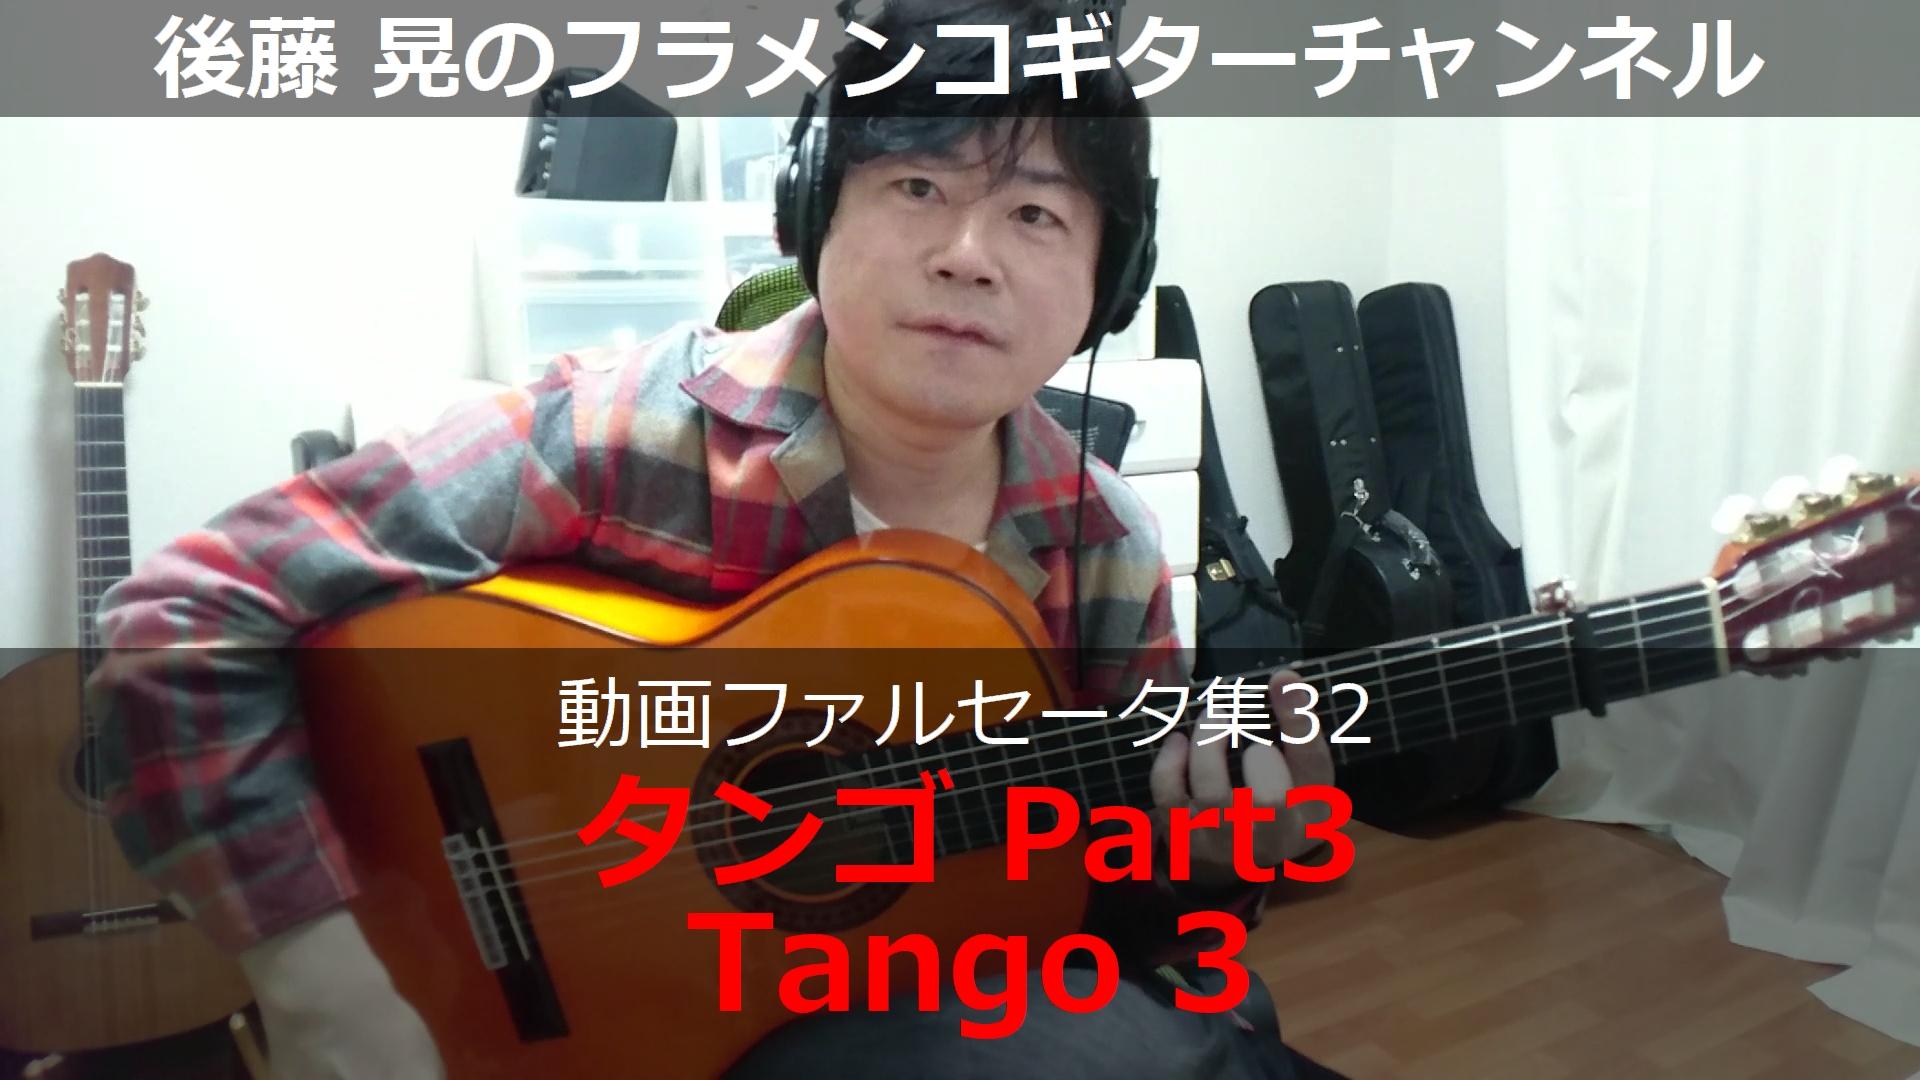 タンゴPart3